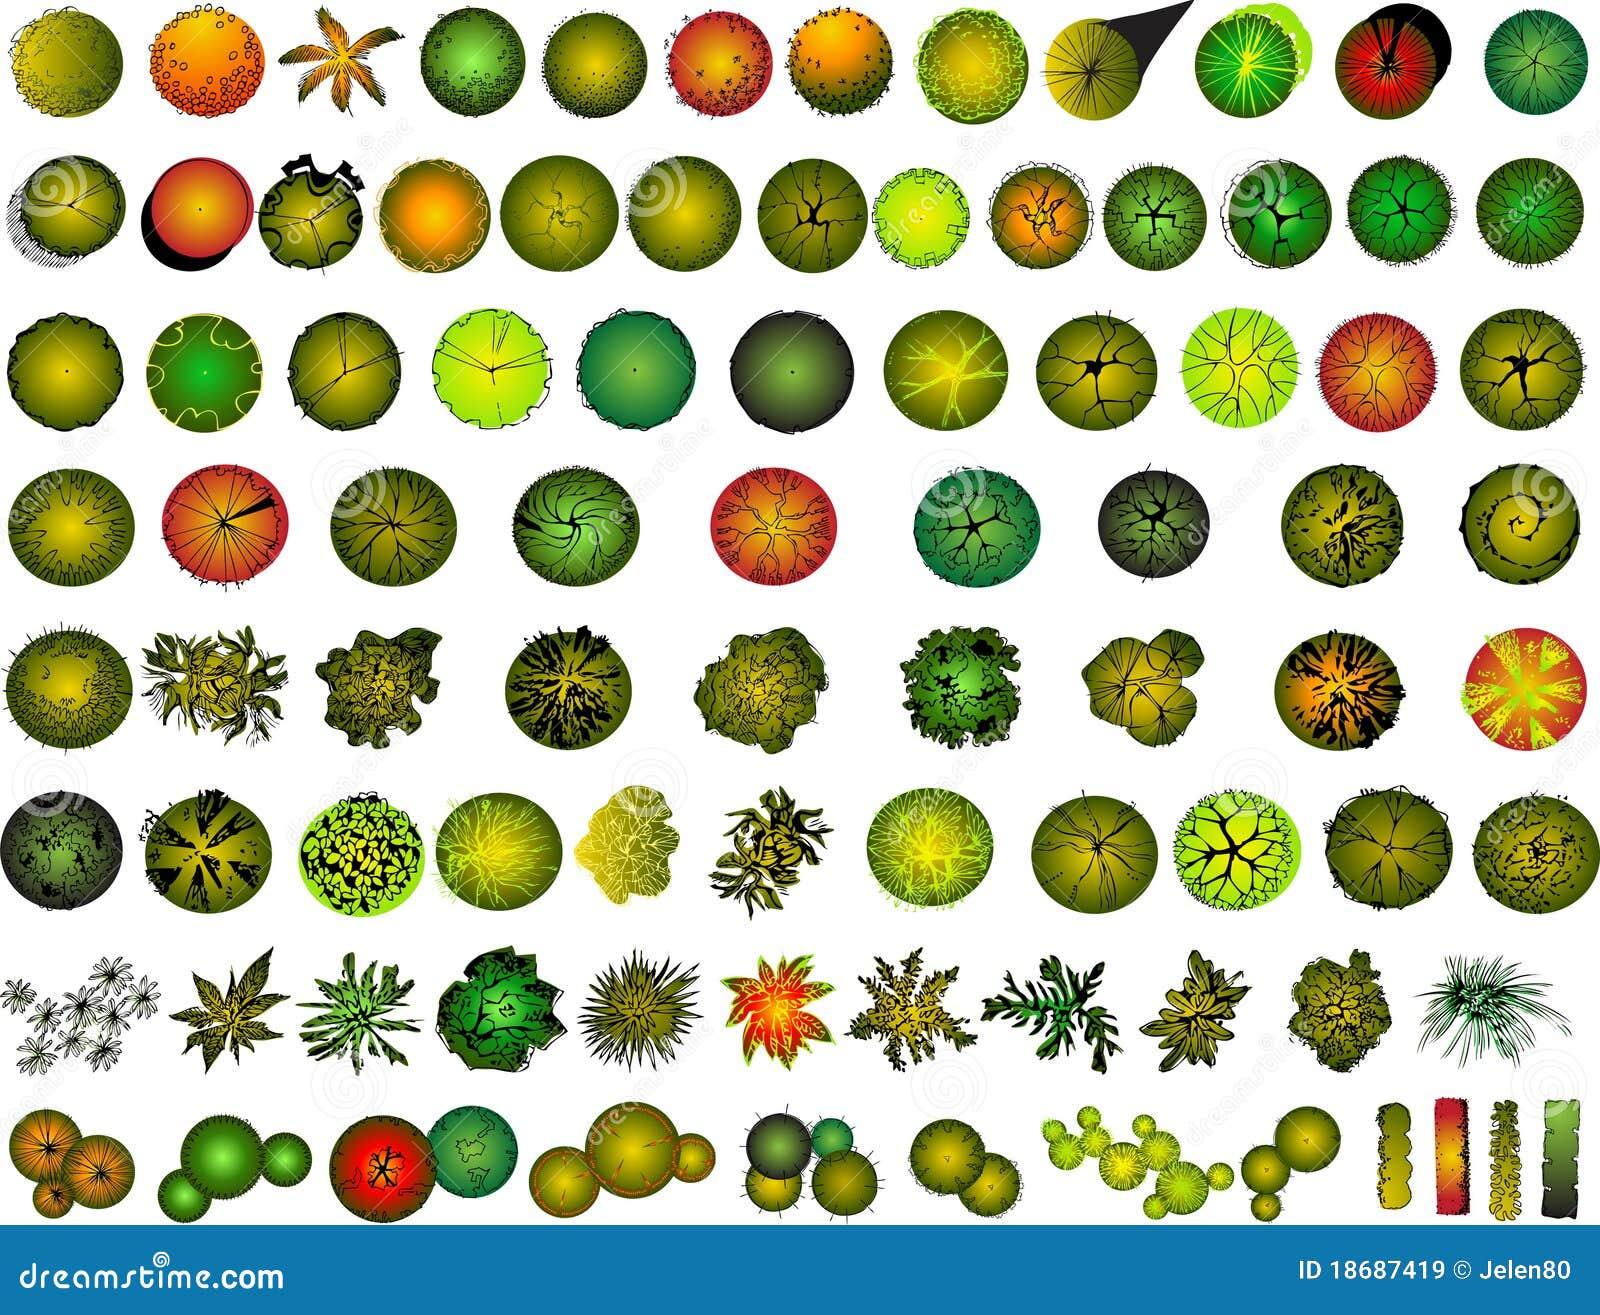 Un conjunto de símbolos de la copa de árbol